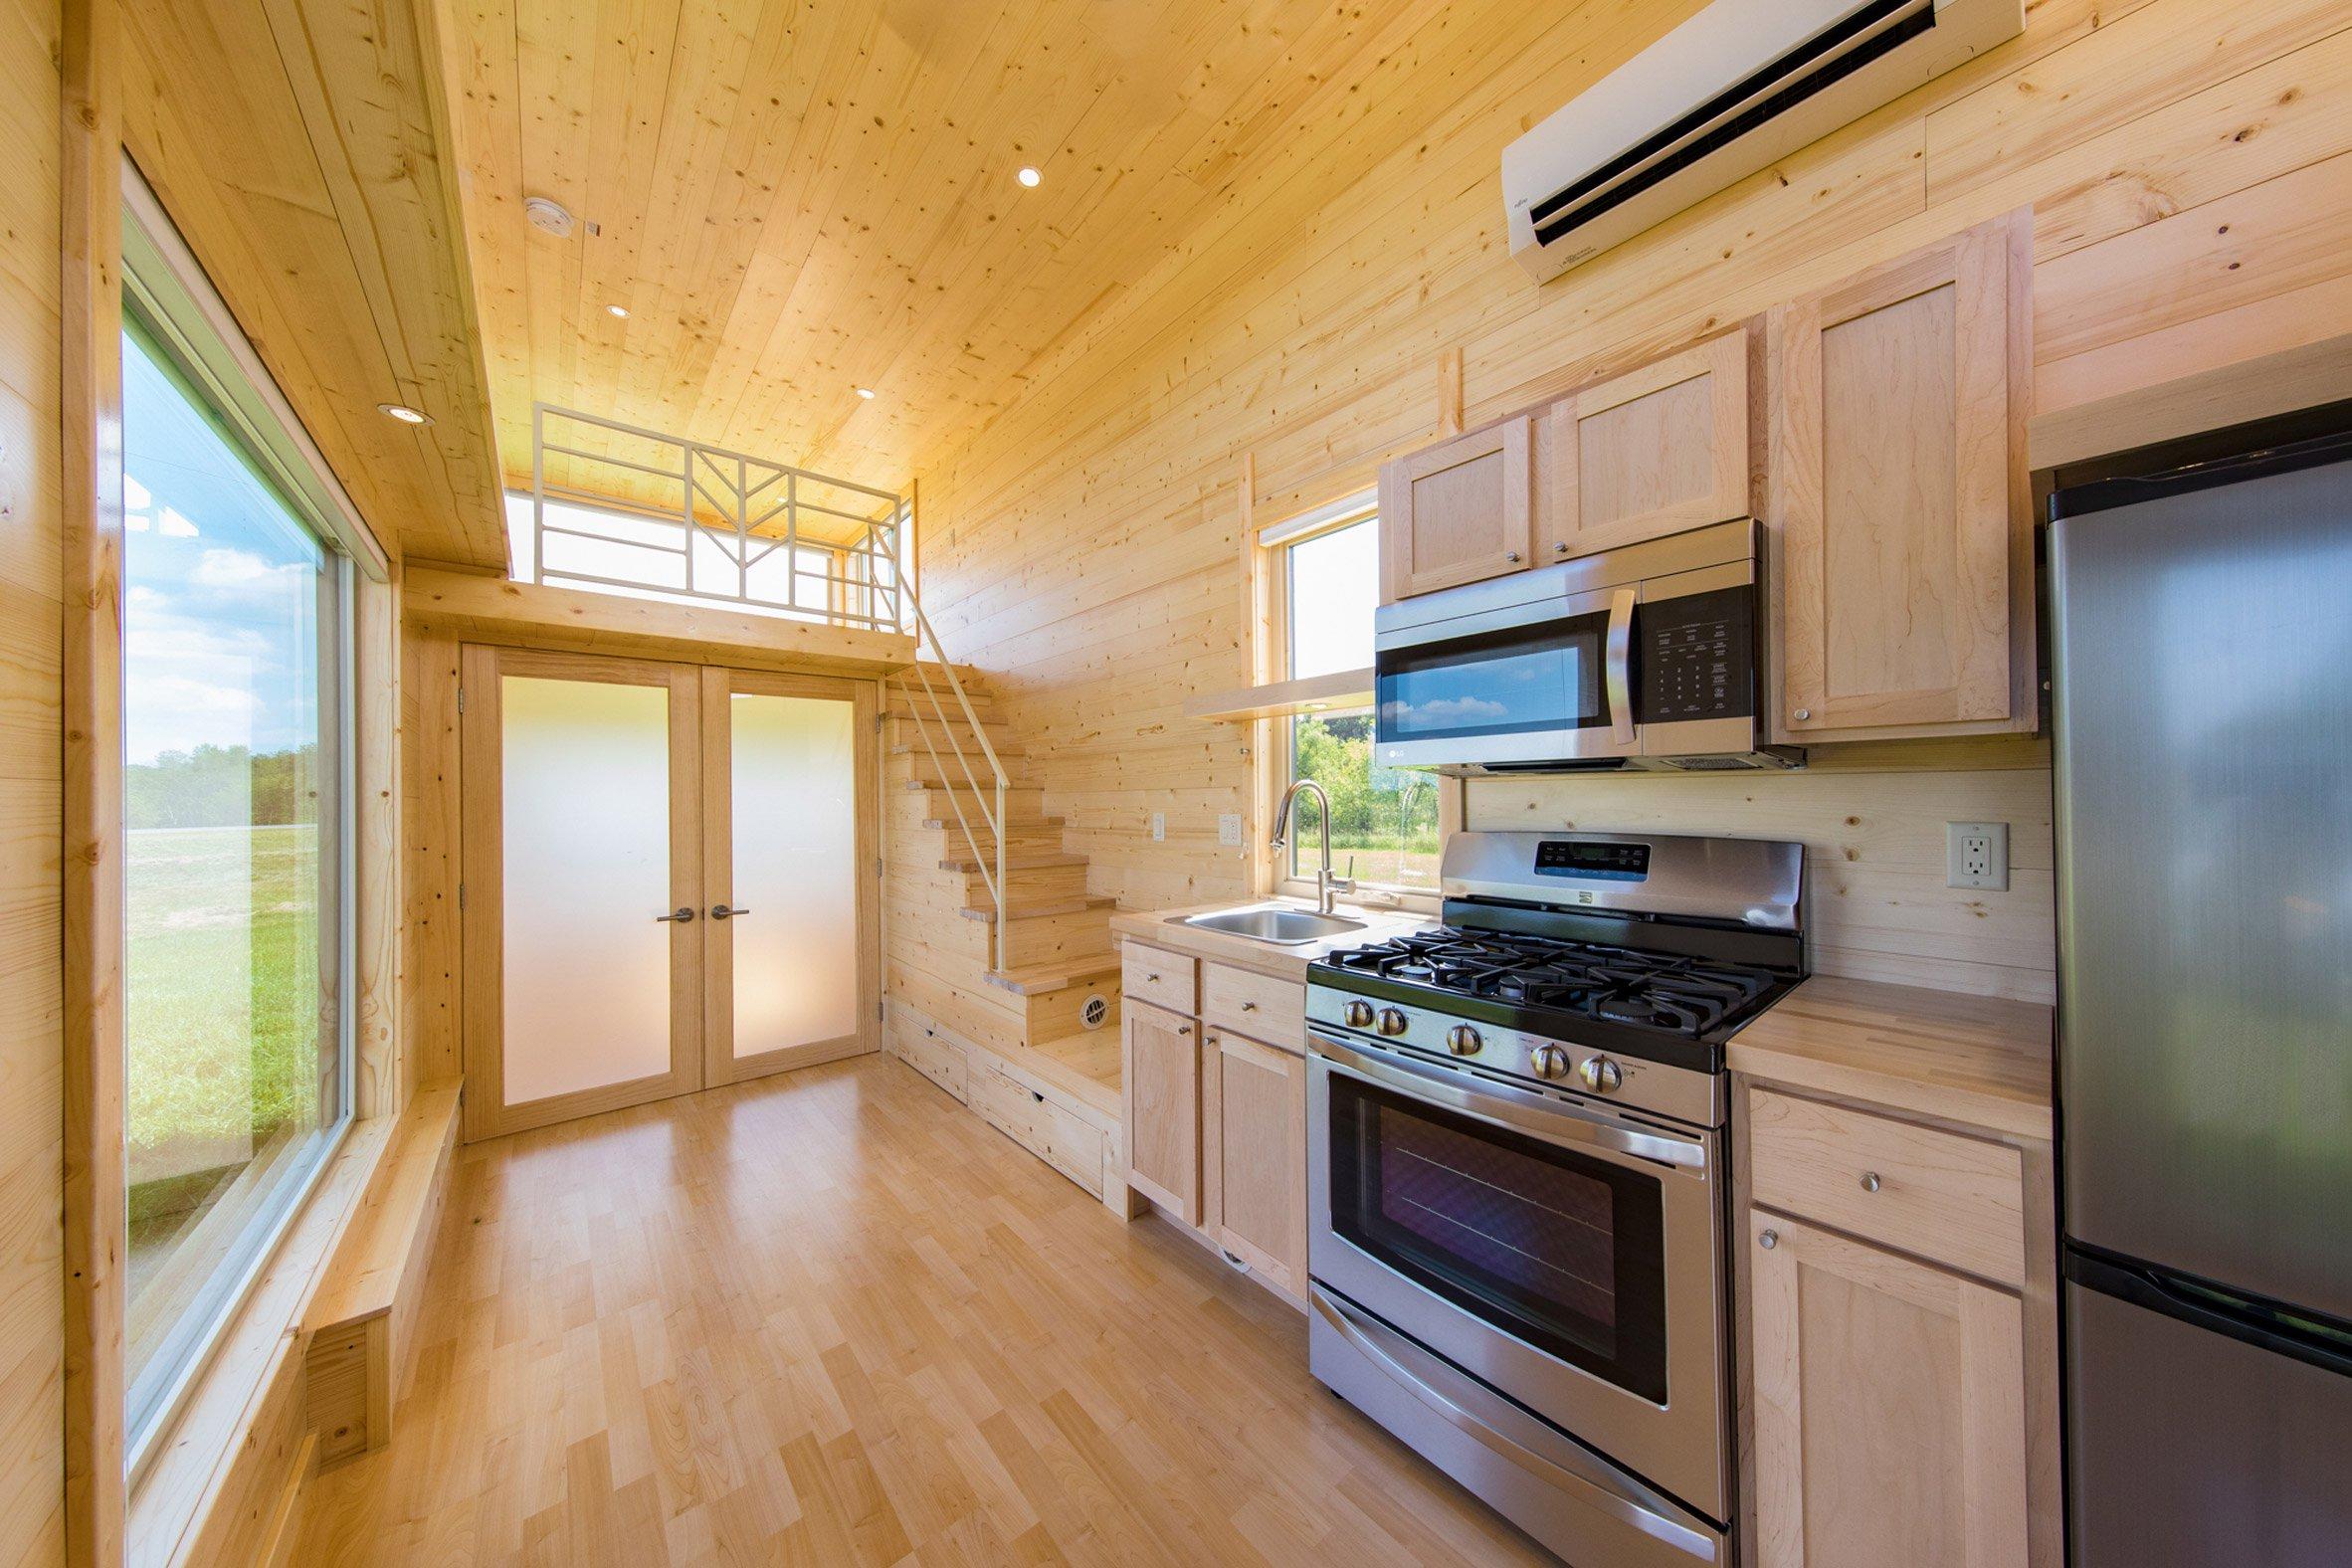 L'abitazione permette di risiedere dove si vuole al costo di 69.800 dollari, circa 58.500 euro /  Steve Niedorf and ESCAPE RV